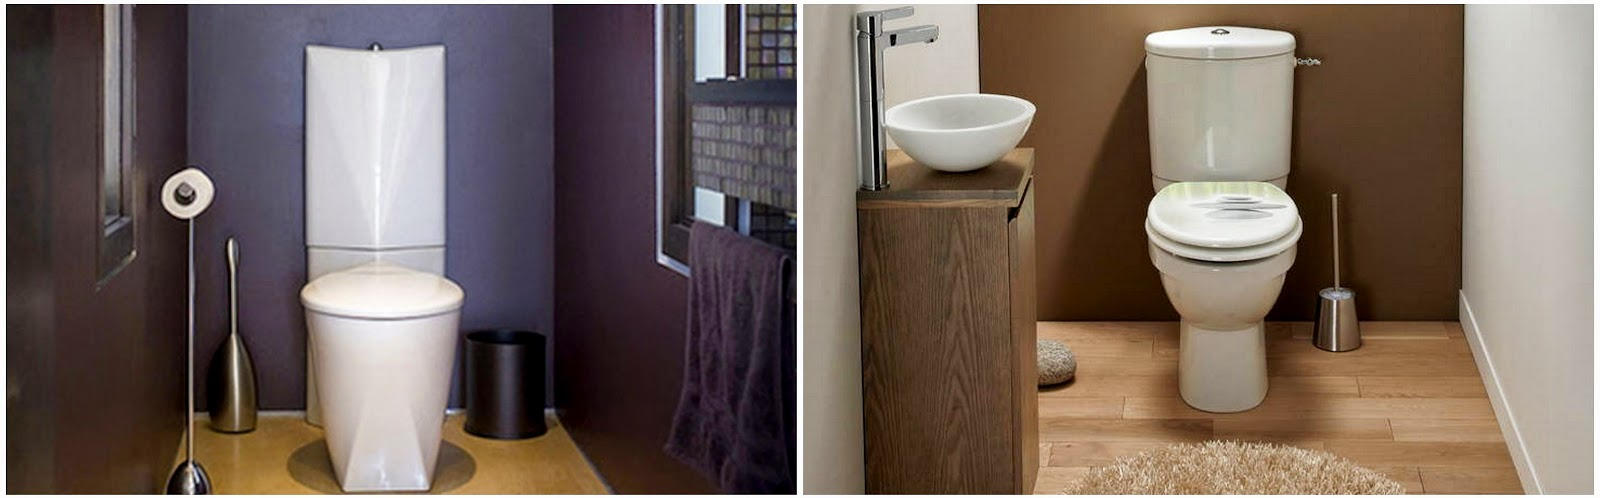 renovation travaux peintre en batiment toilettes wc paris peintre professionnel cesu. Black Bedroom Furniture Sets. Home Design Ideas